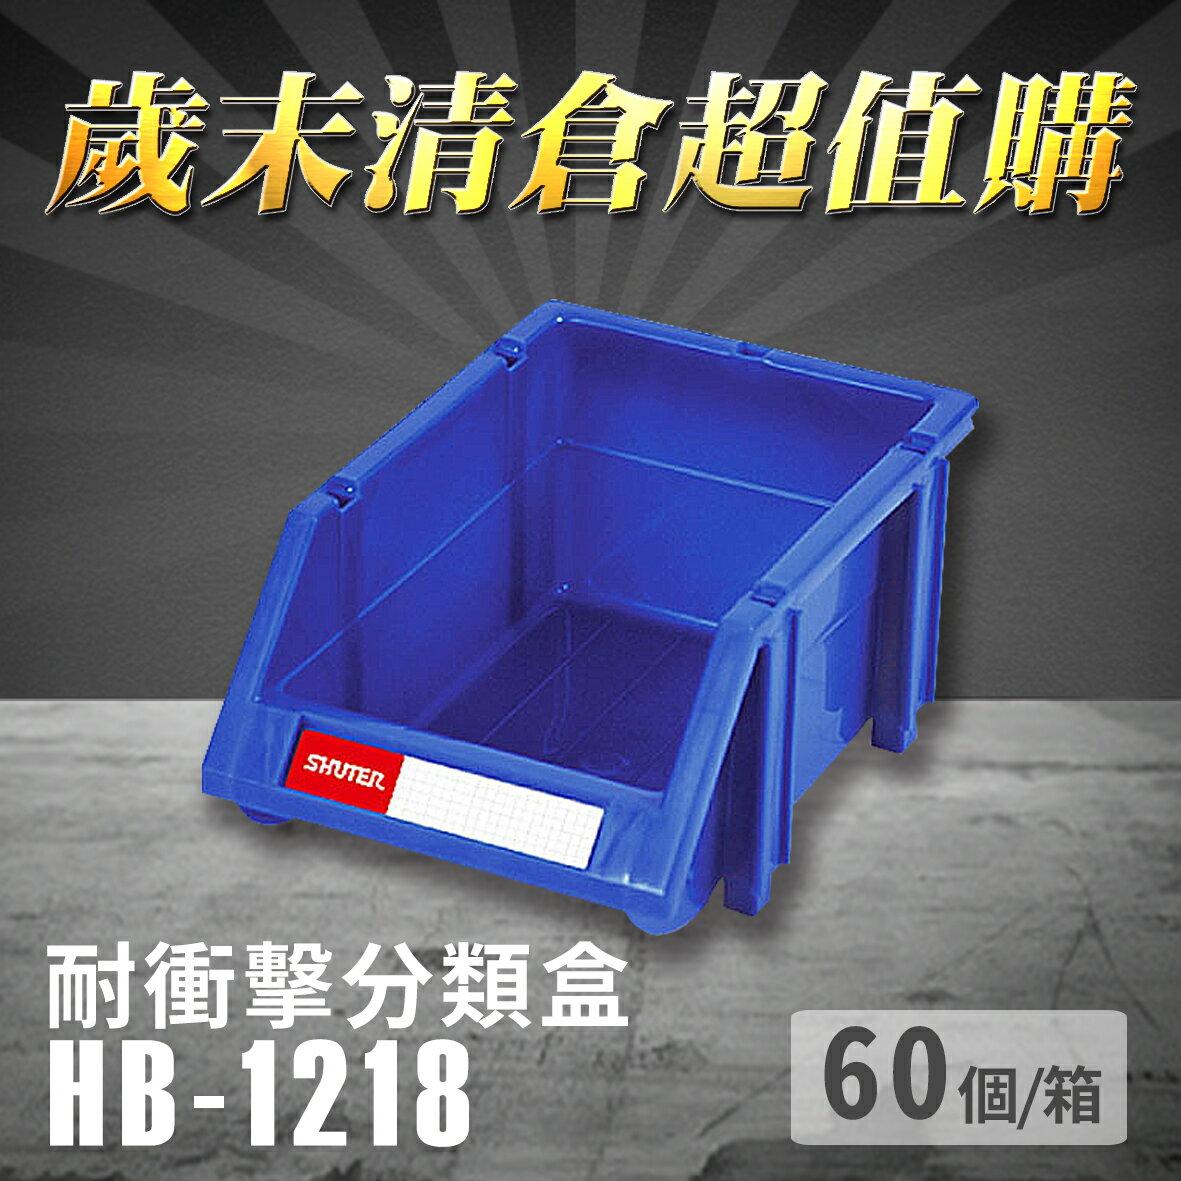 【耐衝擊分類整理盒】 耐衝擊 抽屜櫃 五金櫃 工具盒 零件盒 樹德 HB-1218 (60個/箱)